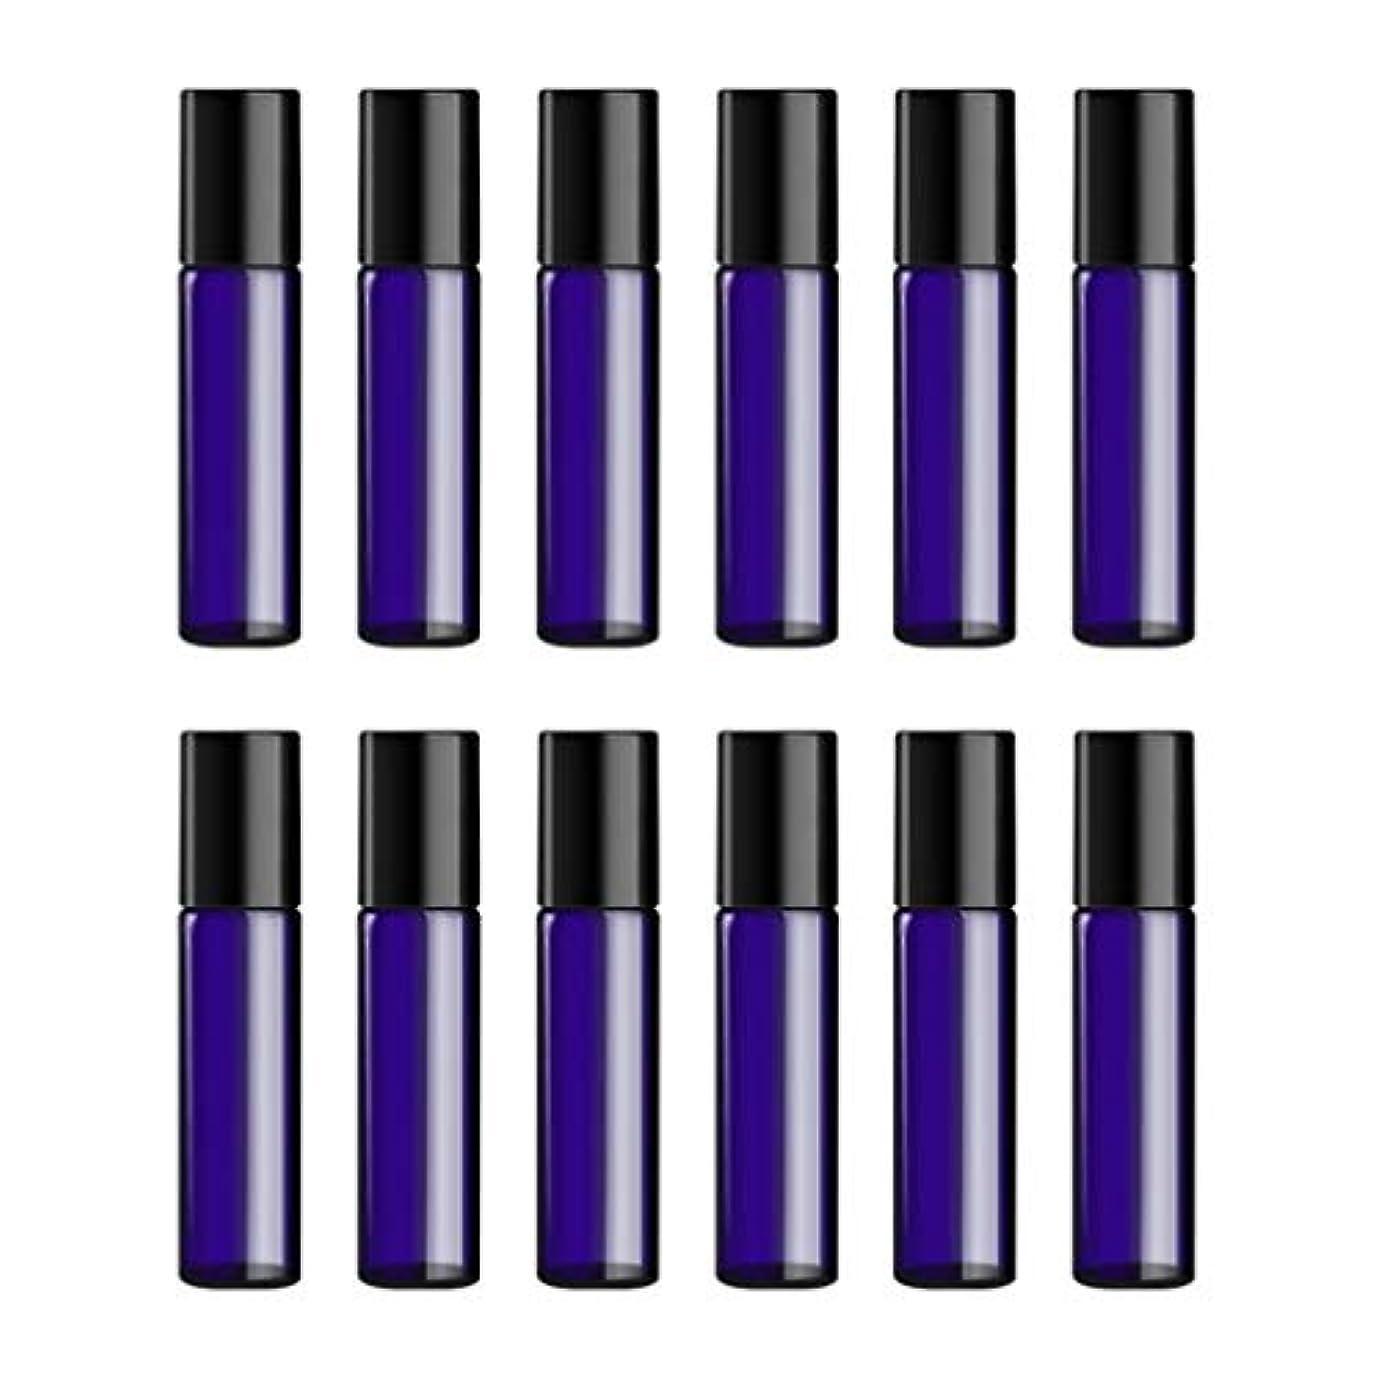 前承認入浴Lurrose ボトルのロール旅行旅行 精油 小分け用 詰め替えローラーボールエッセンシャルオイル 精油ローラーボトルガラス香水瓶 10mlの12PCS 青